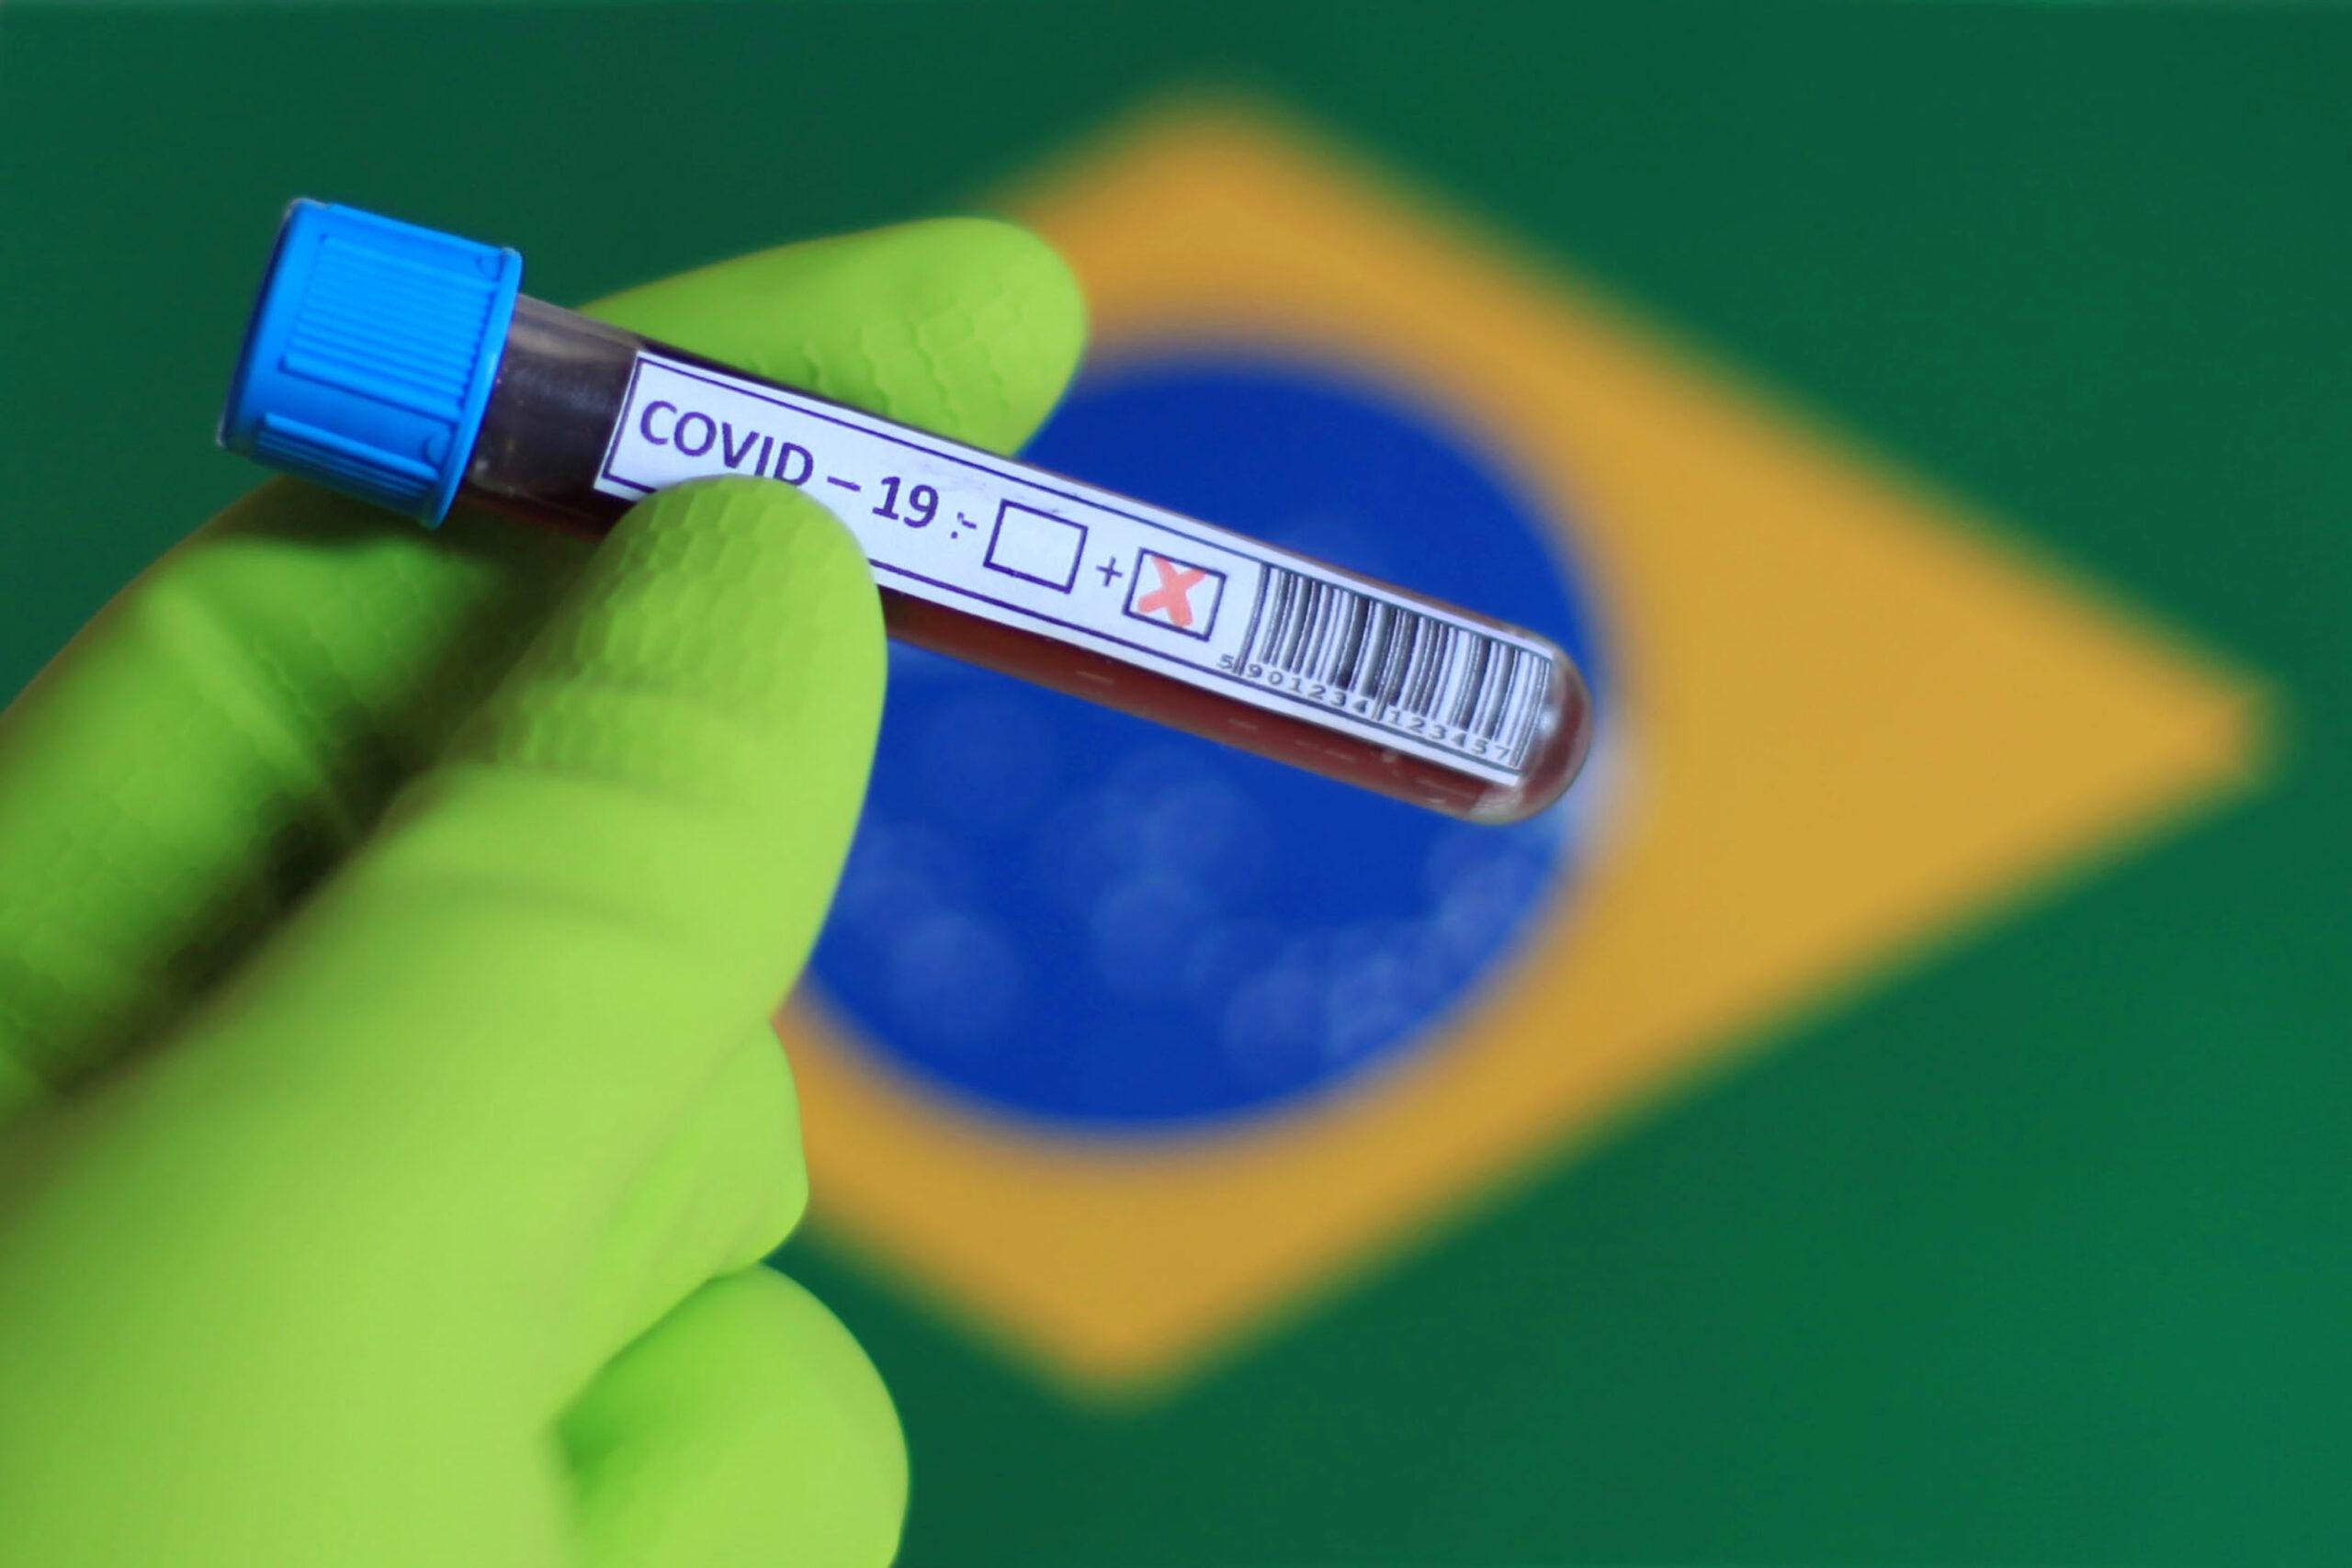 Quais paises estao vencendo o coronavirus 1